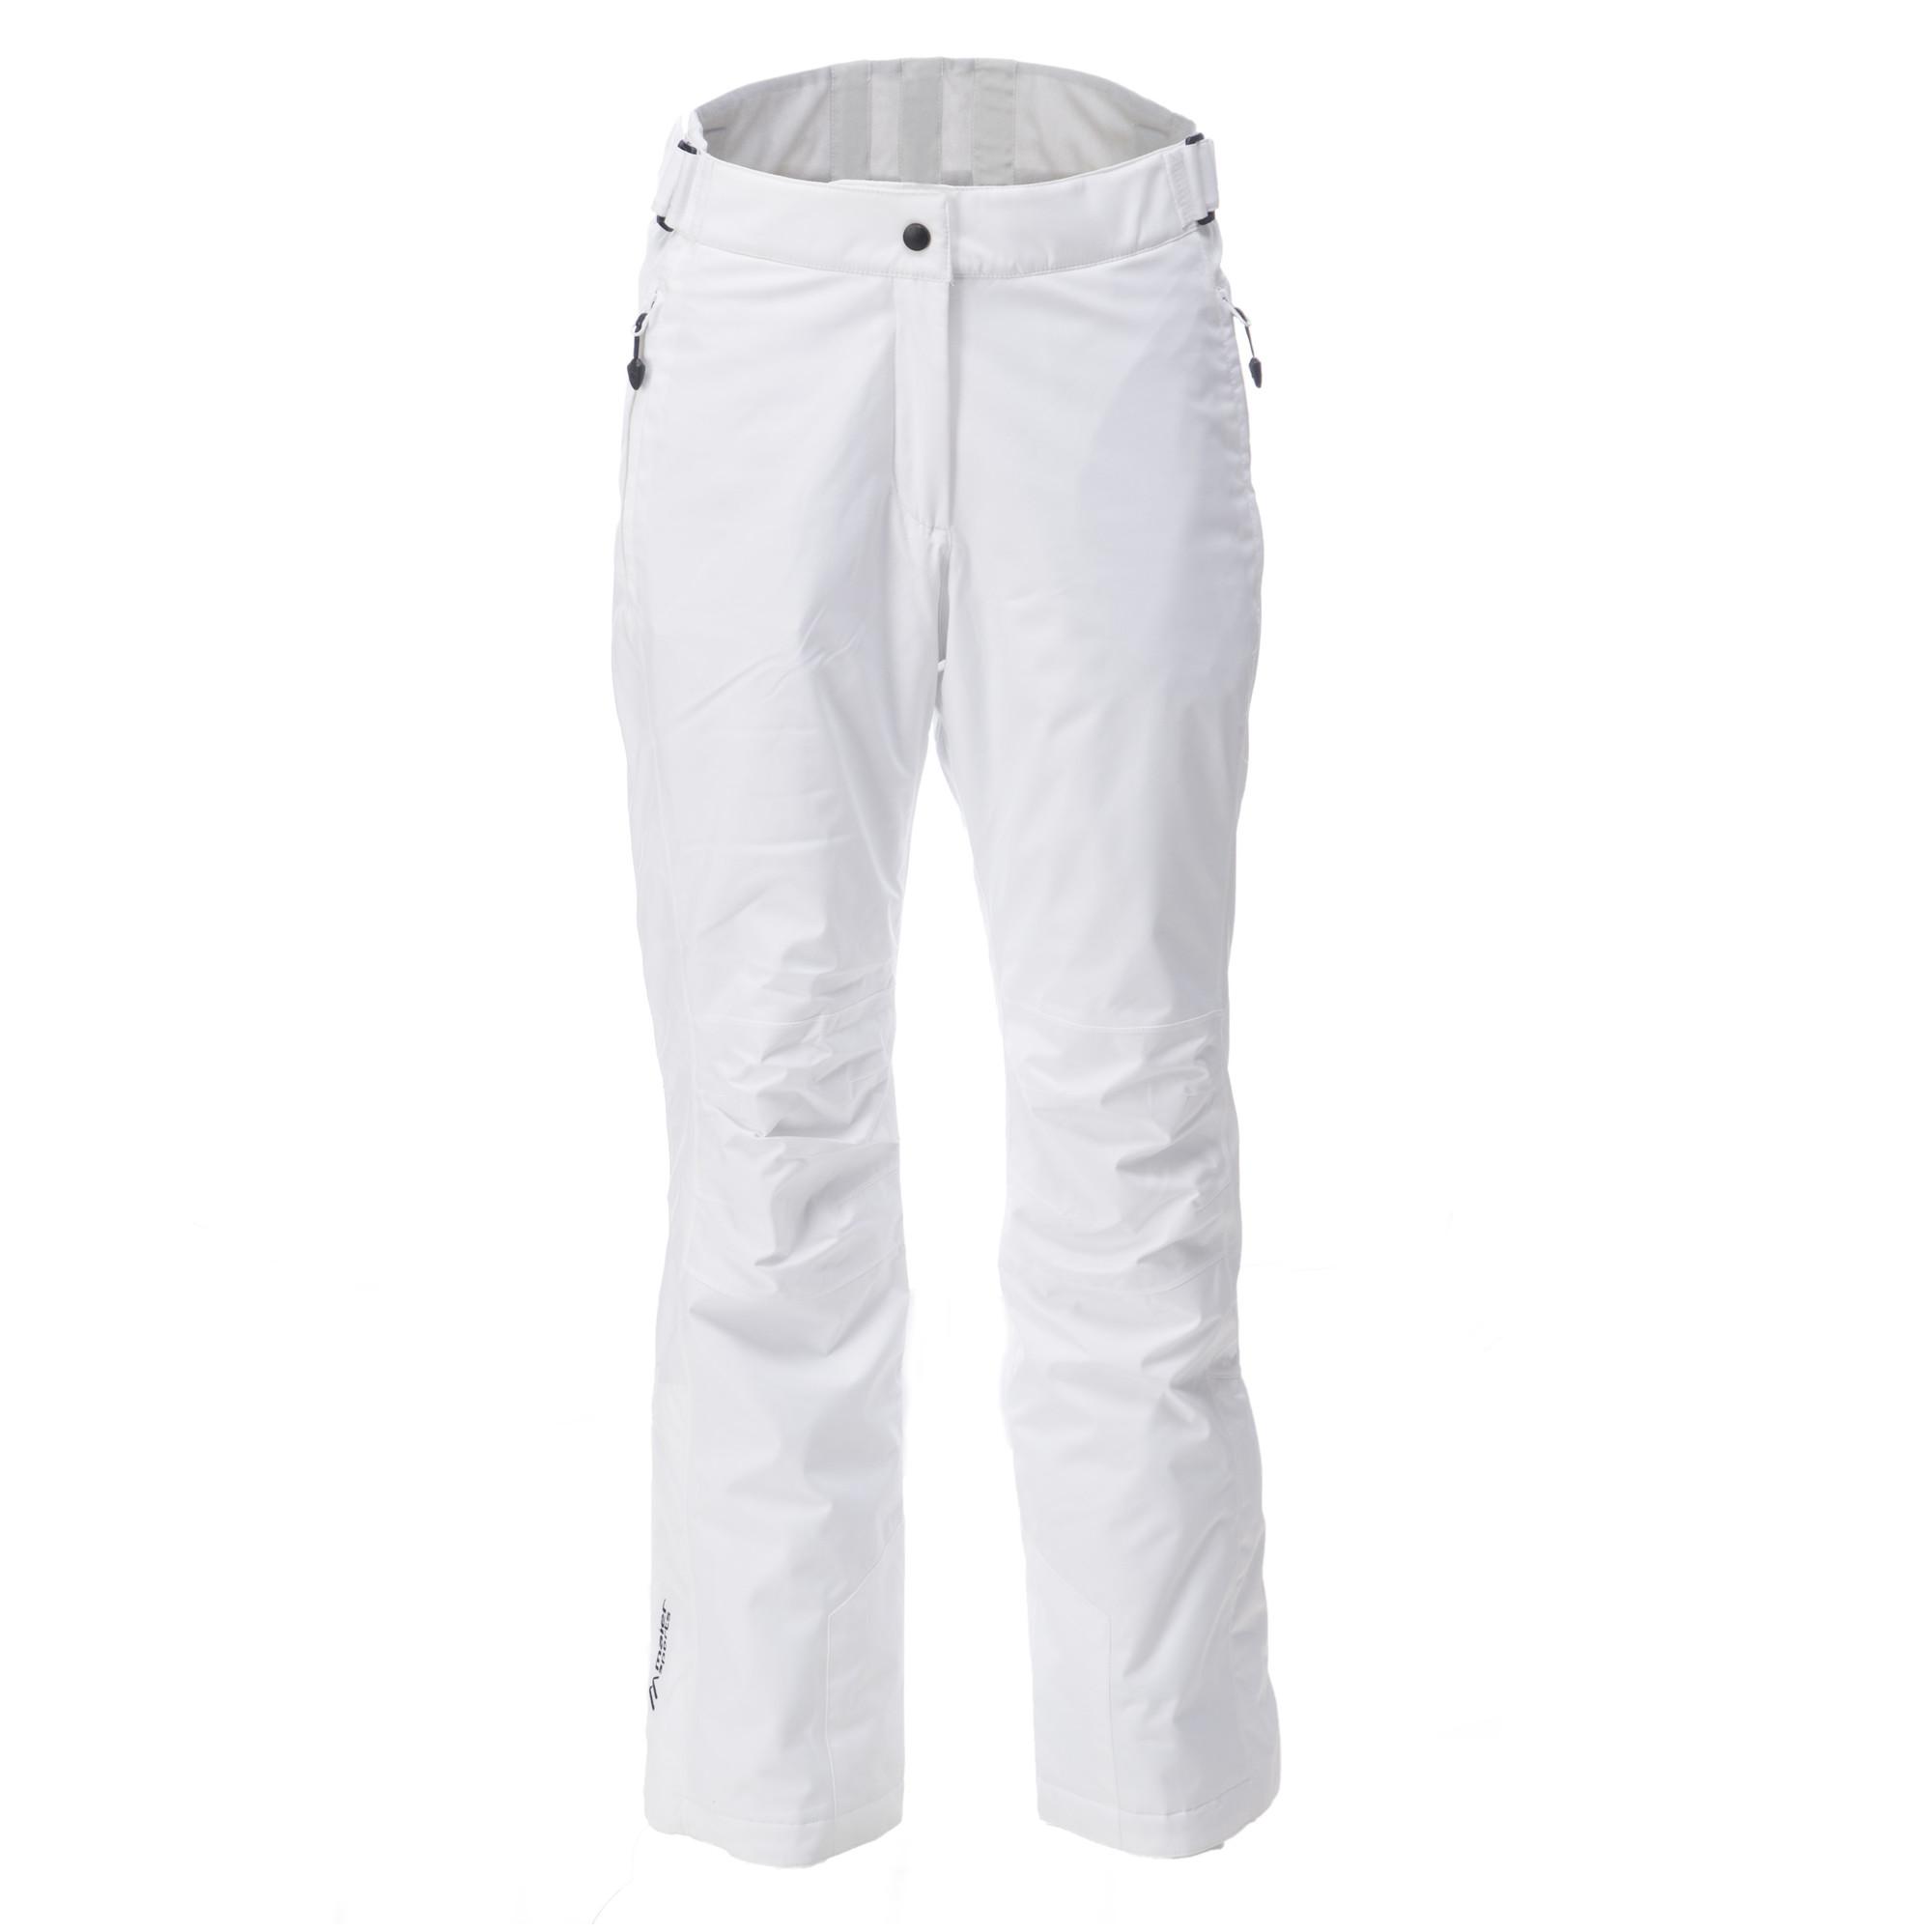 aab4b8110c Damskie Białe 2 Spodnie Sports Size Plus Resi Maier Narciarskie nRqgwX4UB